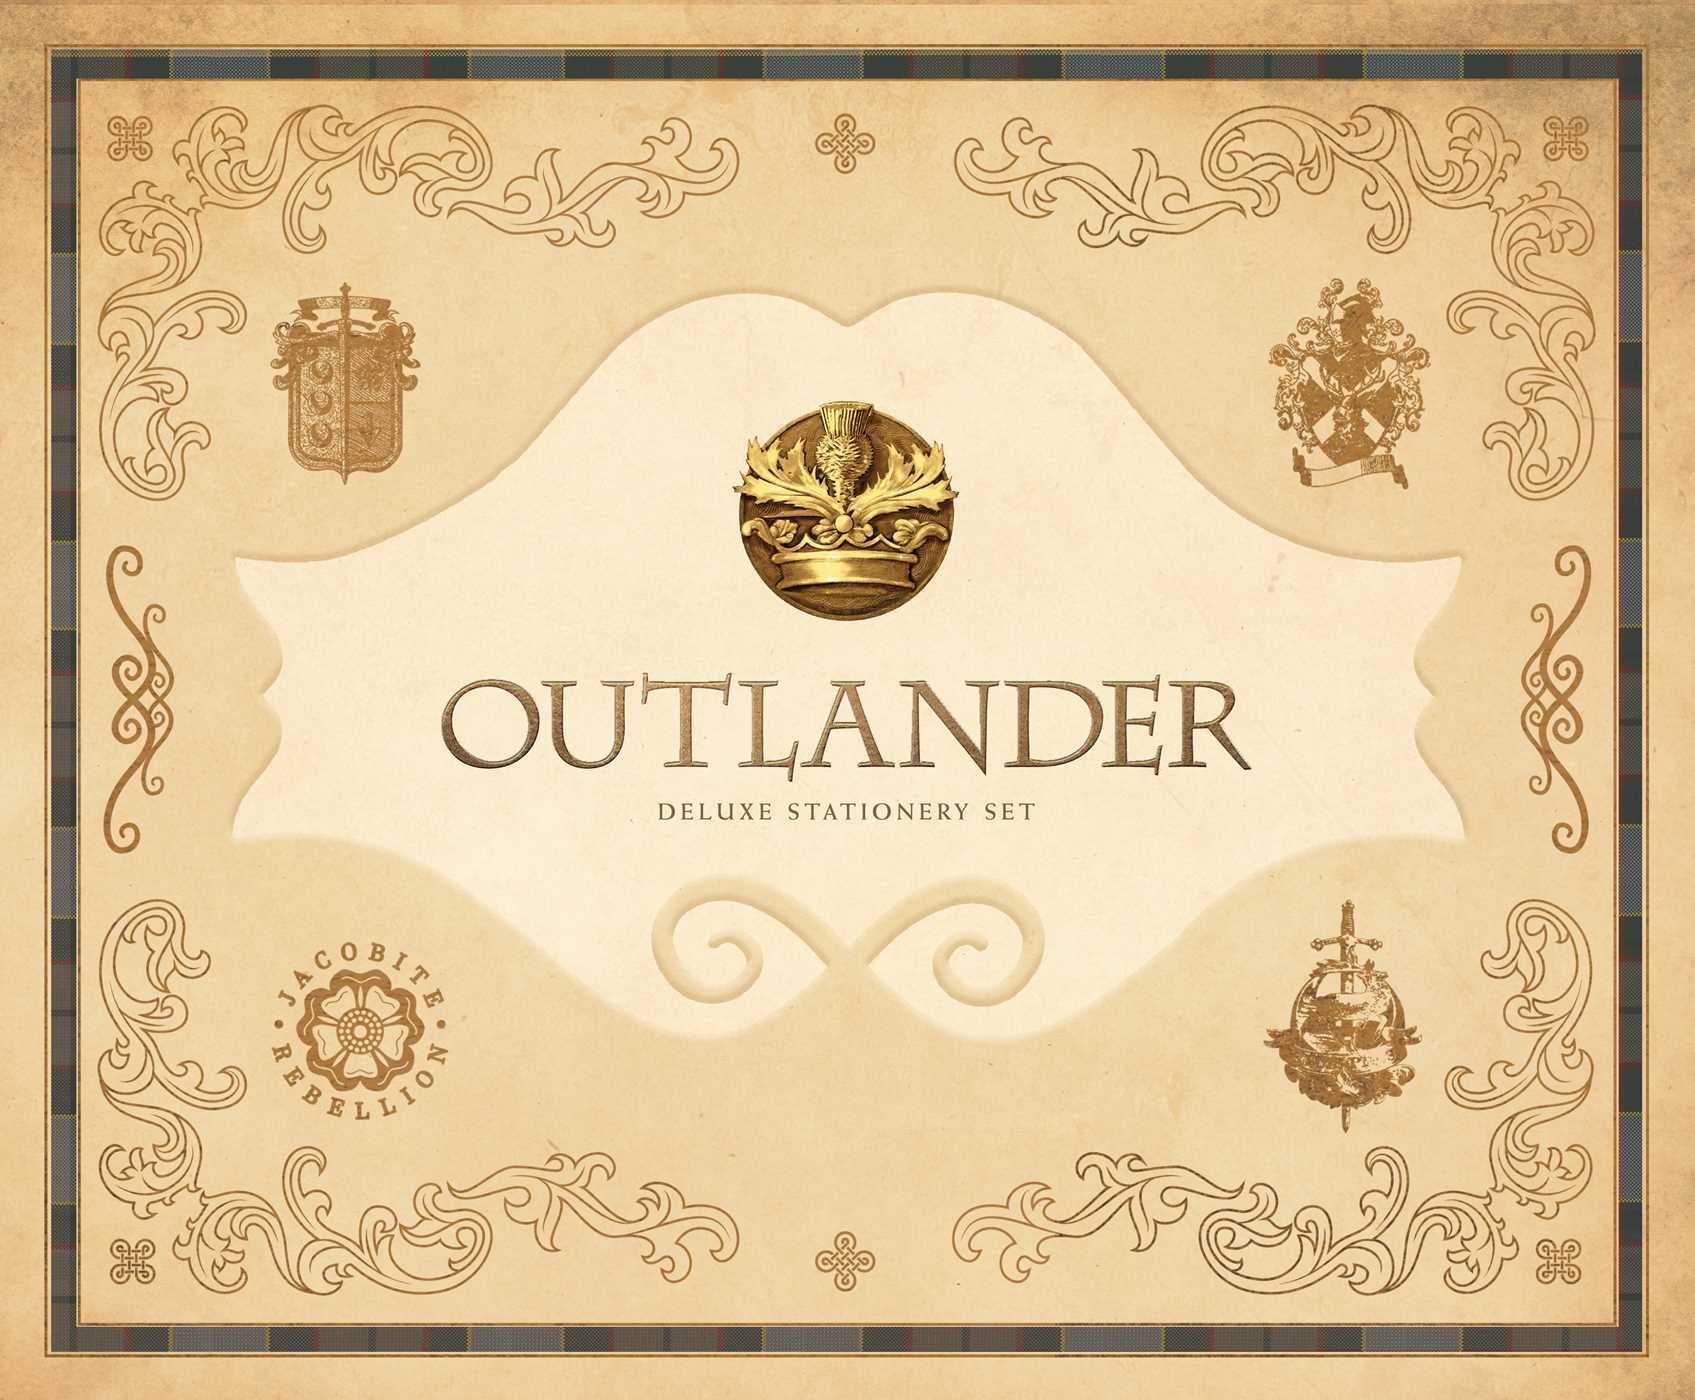 Outlander deluxe stationery set 9781683831495 hr